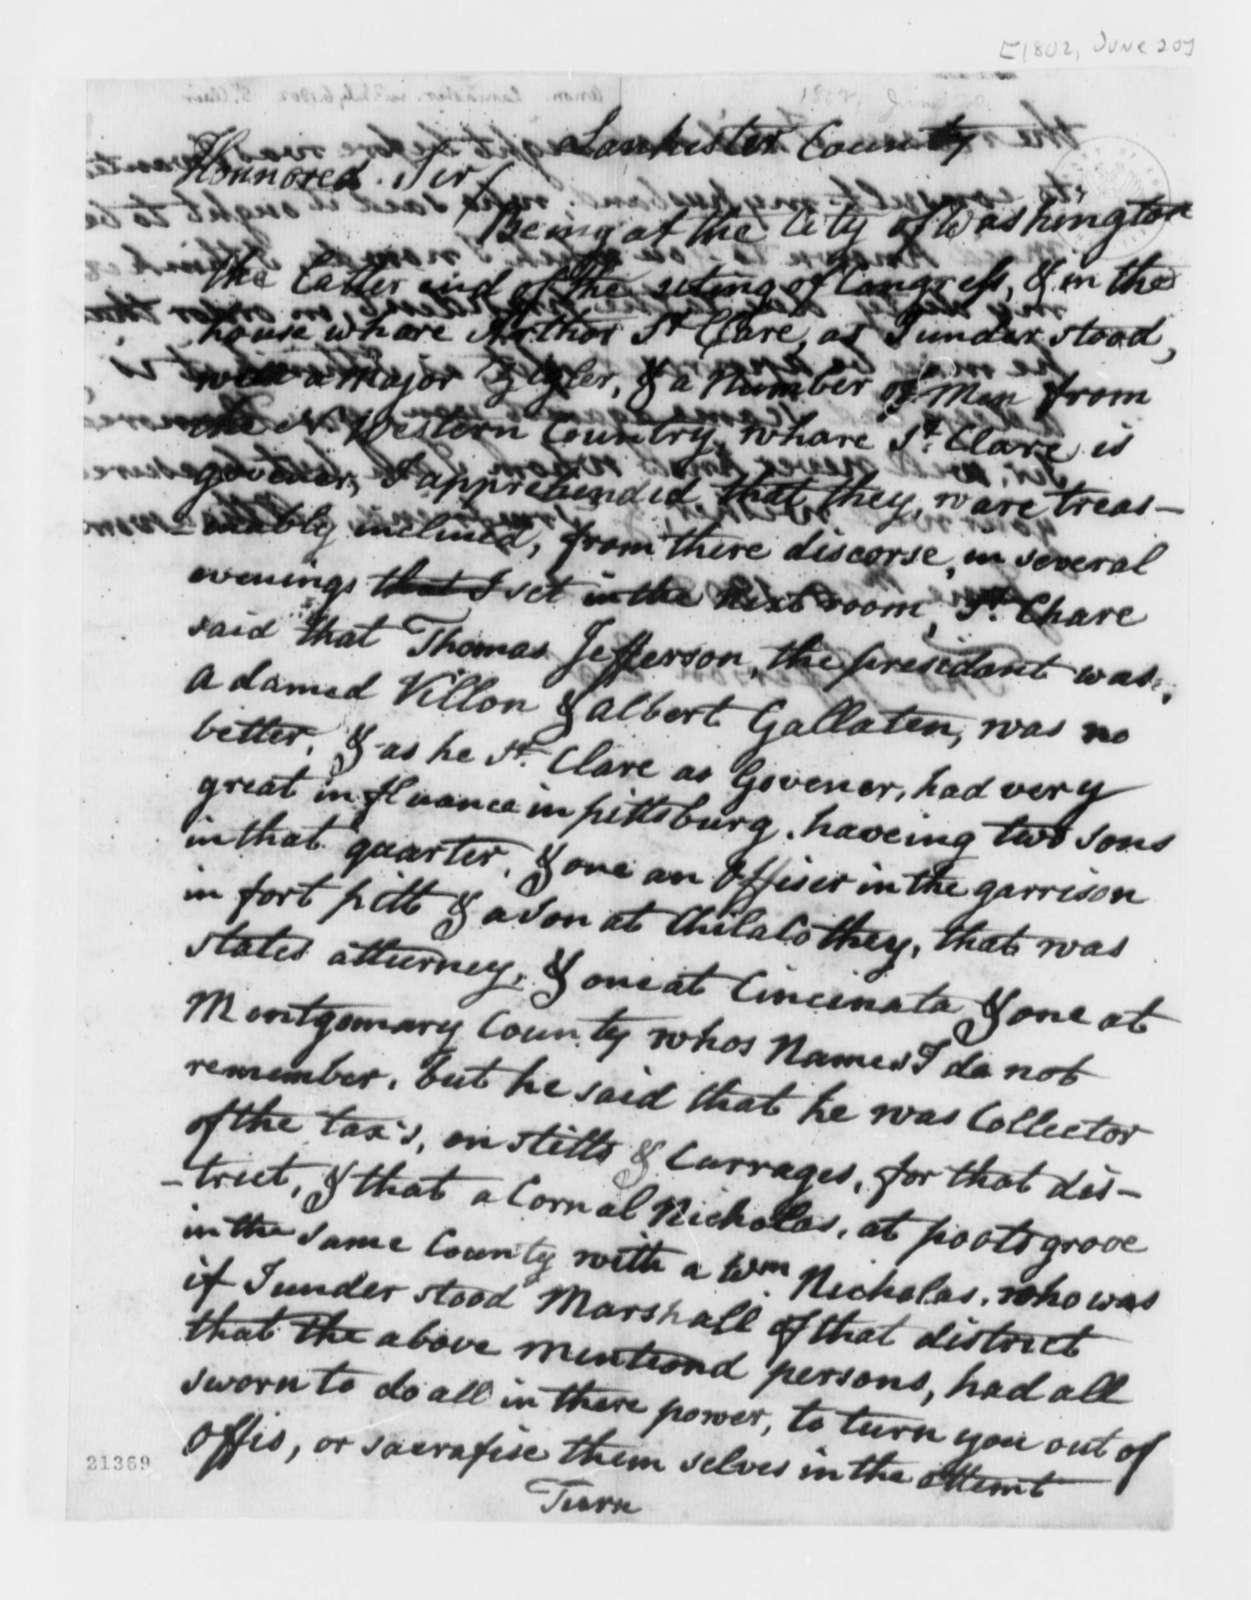 Anonymous to Thomas Jefferson, June 20, 1802